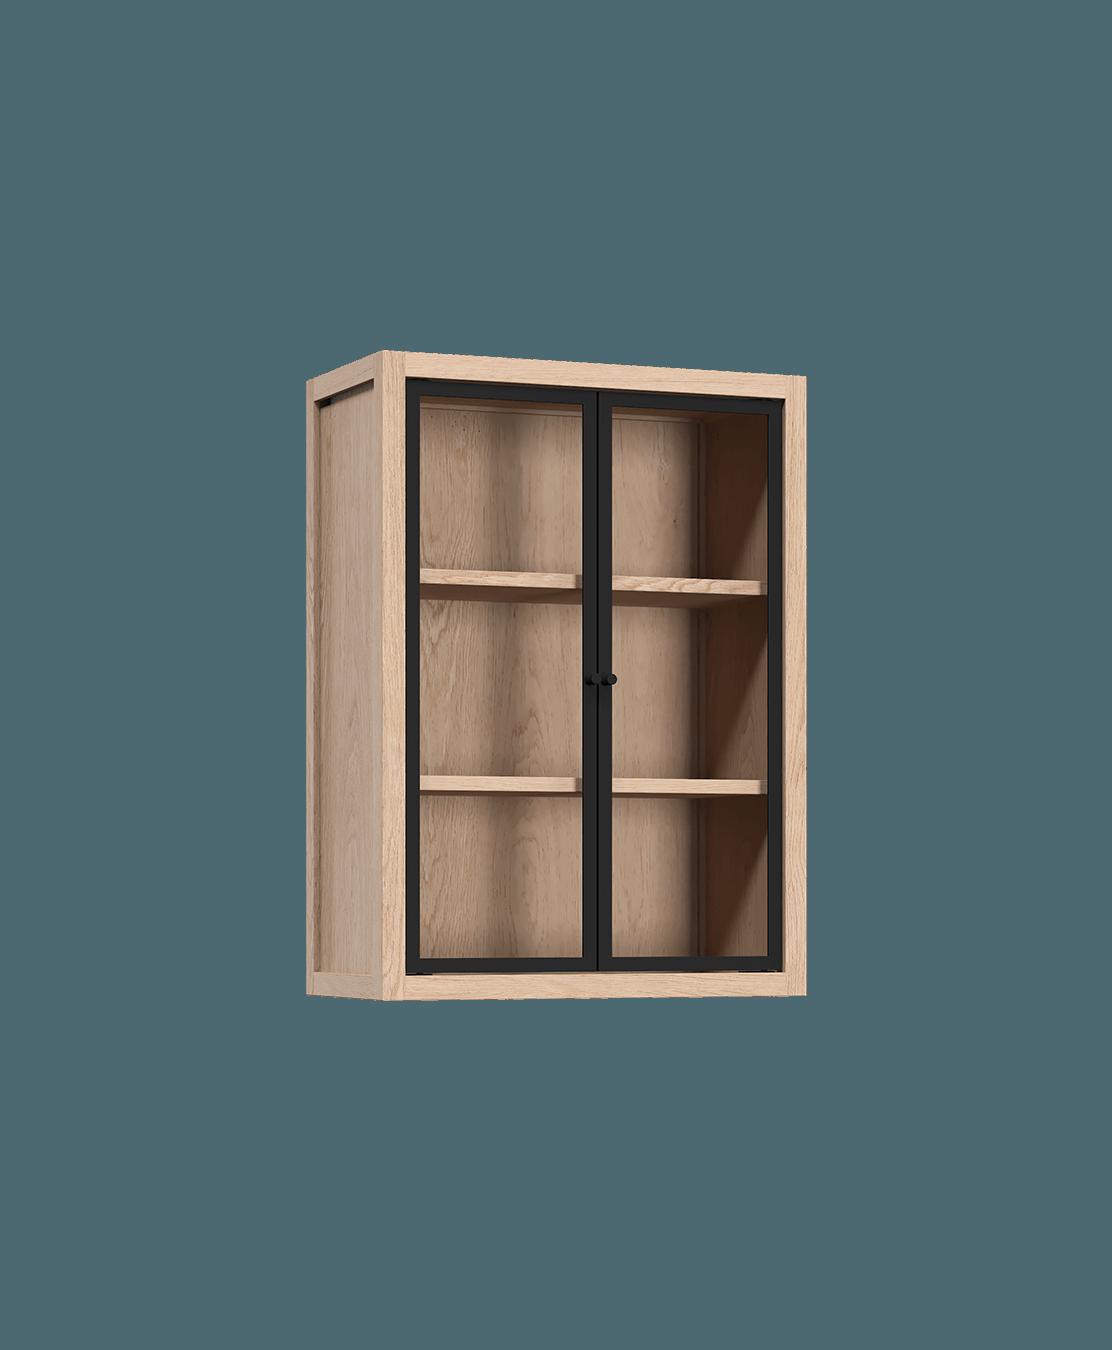 armoire de cuisine modulaire murale vitrée en bois massif coquo radix avec 2 portes en verre chêne blanc 12 pouces C1-W-2412-0202-NA